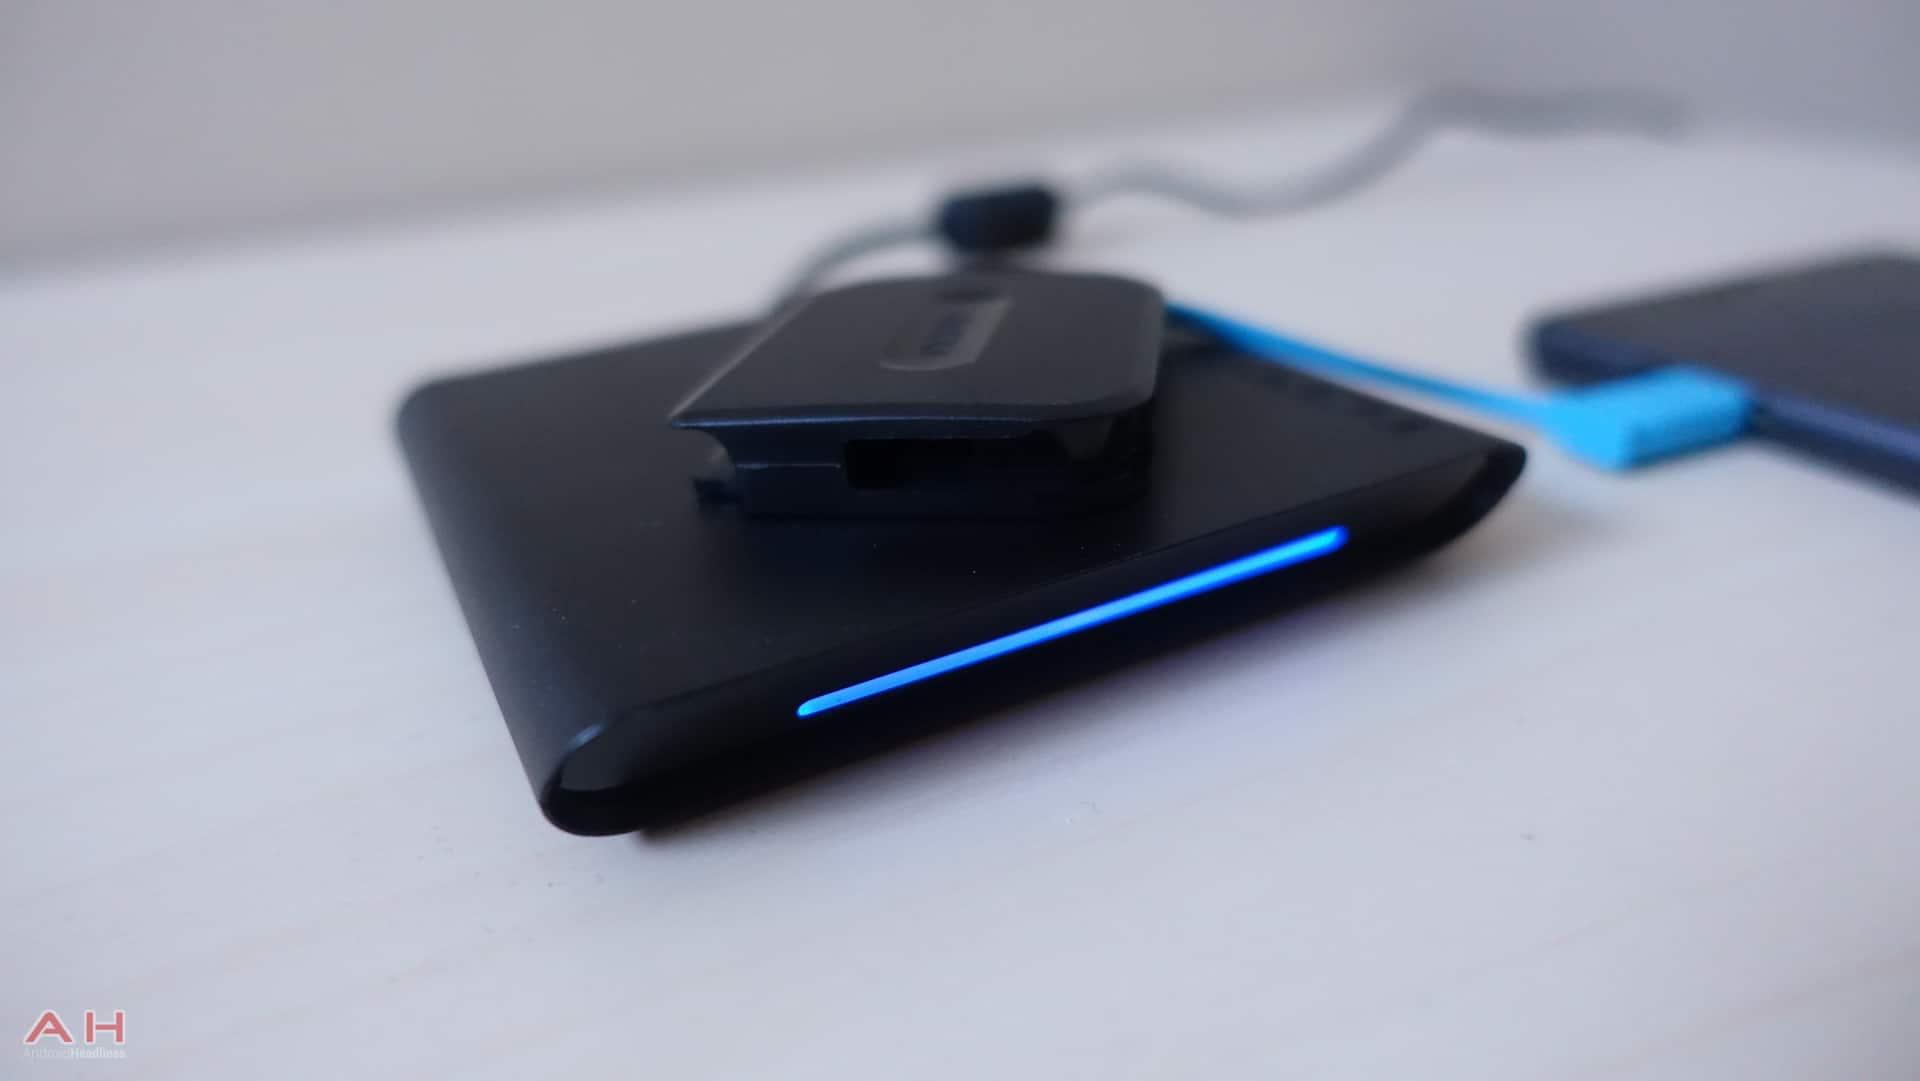 Incipio Wireless Charging Adapter AH 1